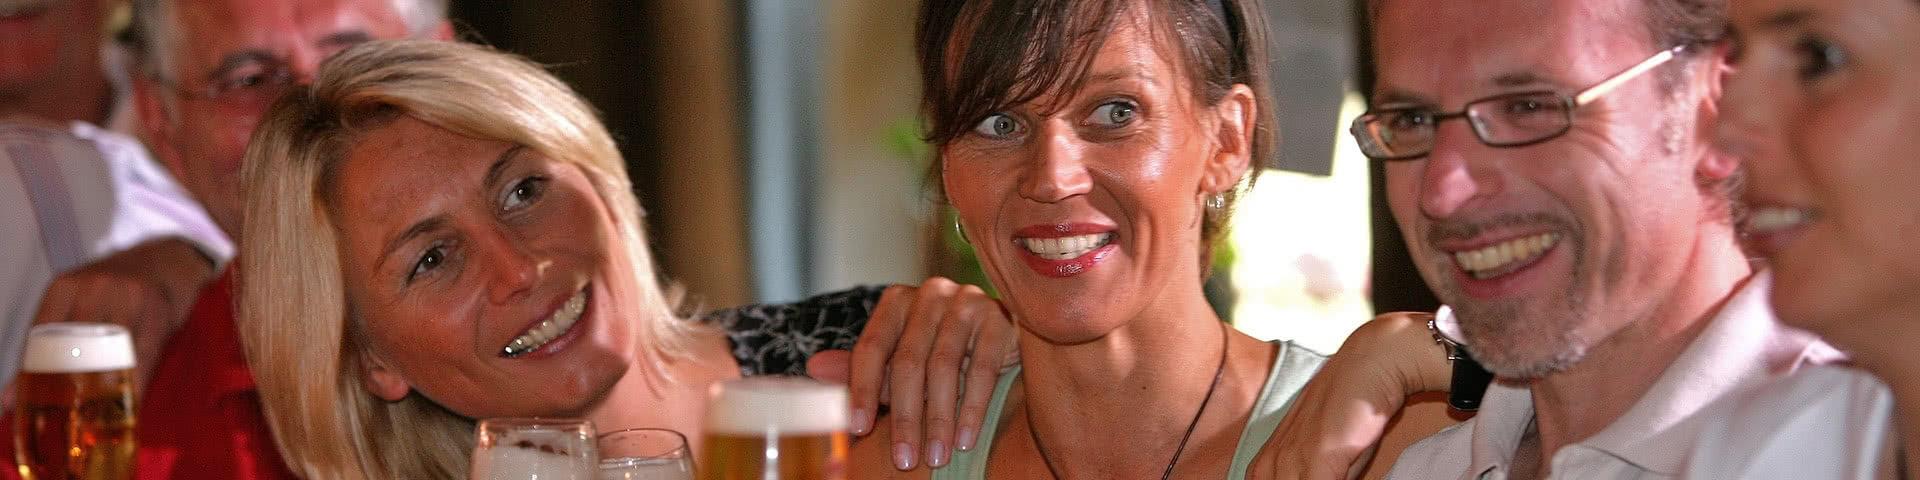 Gruppe trinkt gemeinsam Bier im Weserbergland